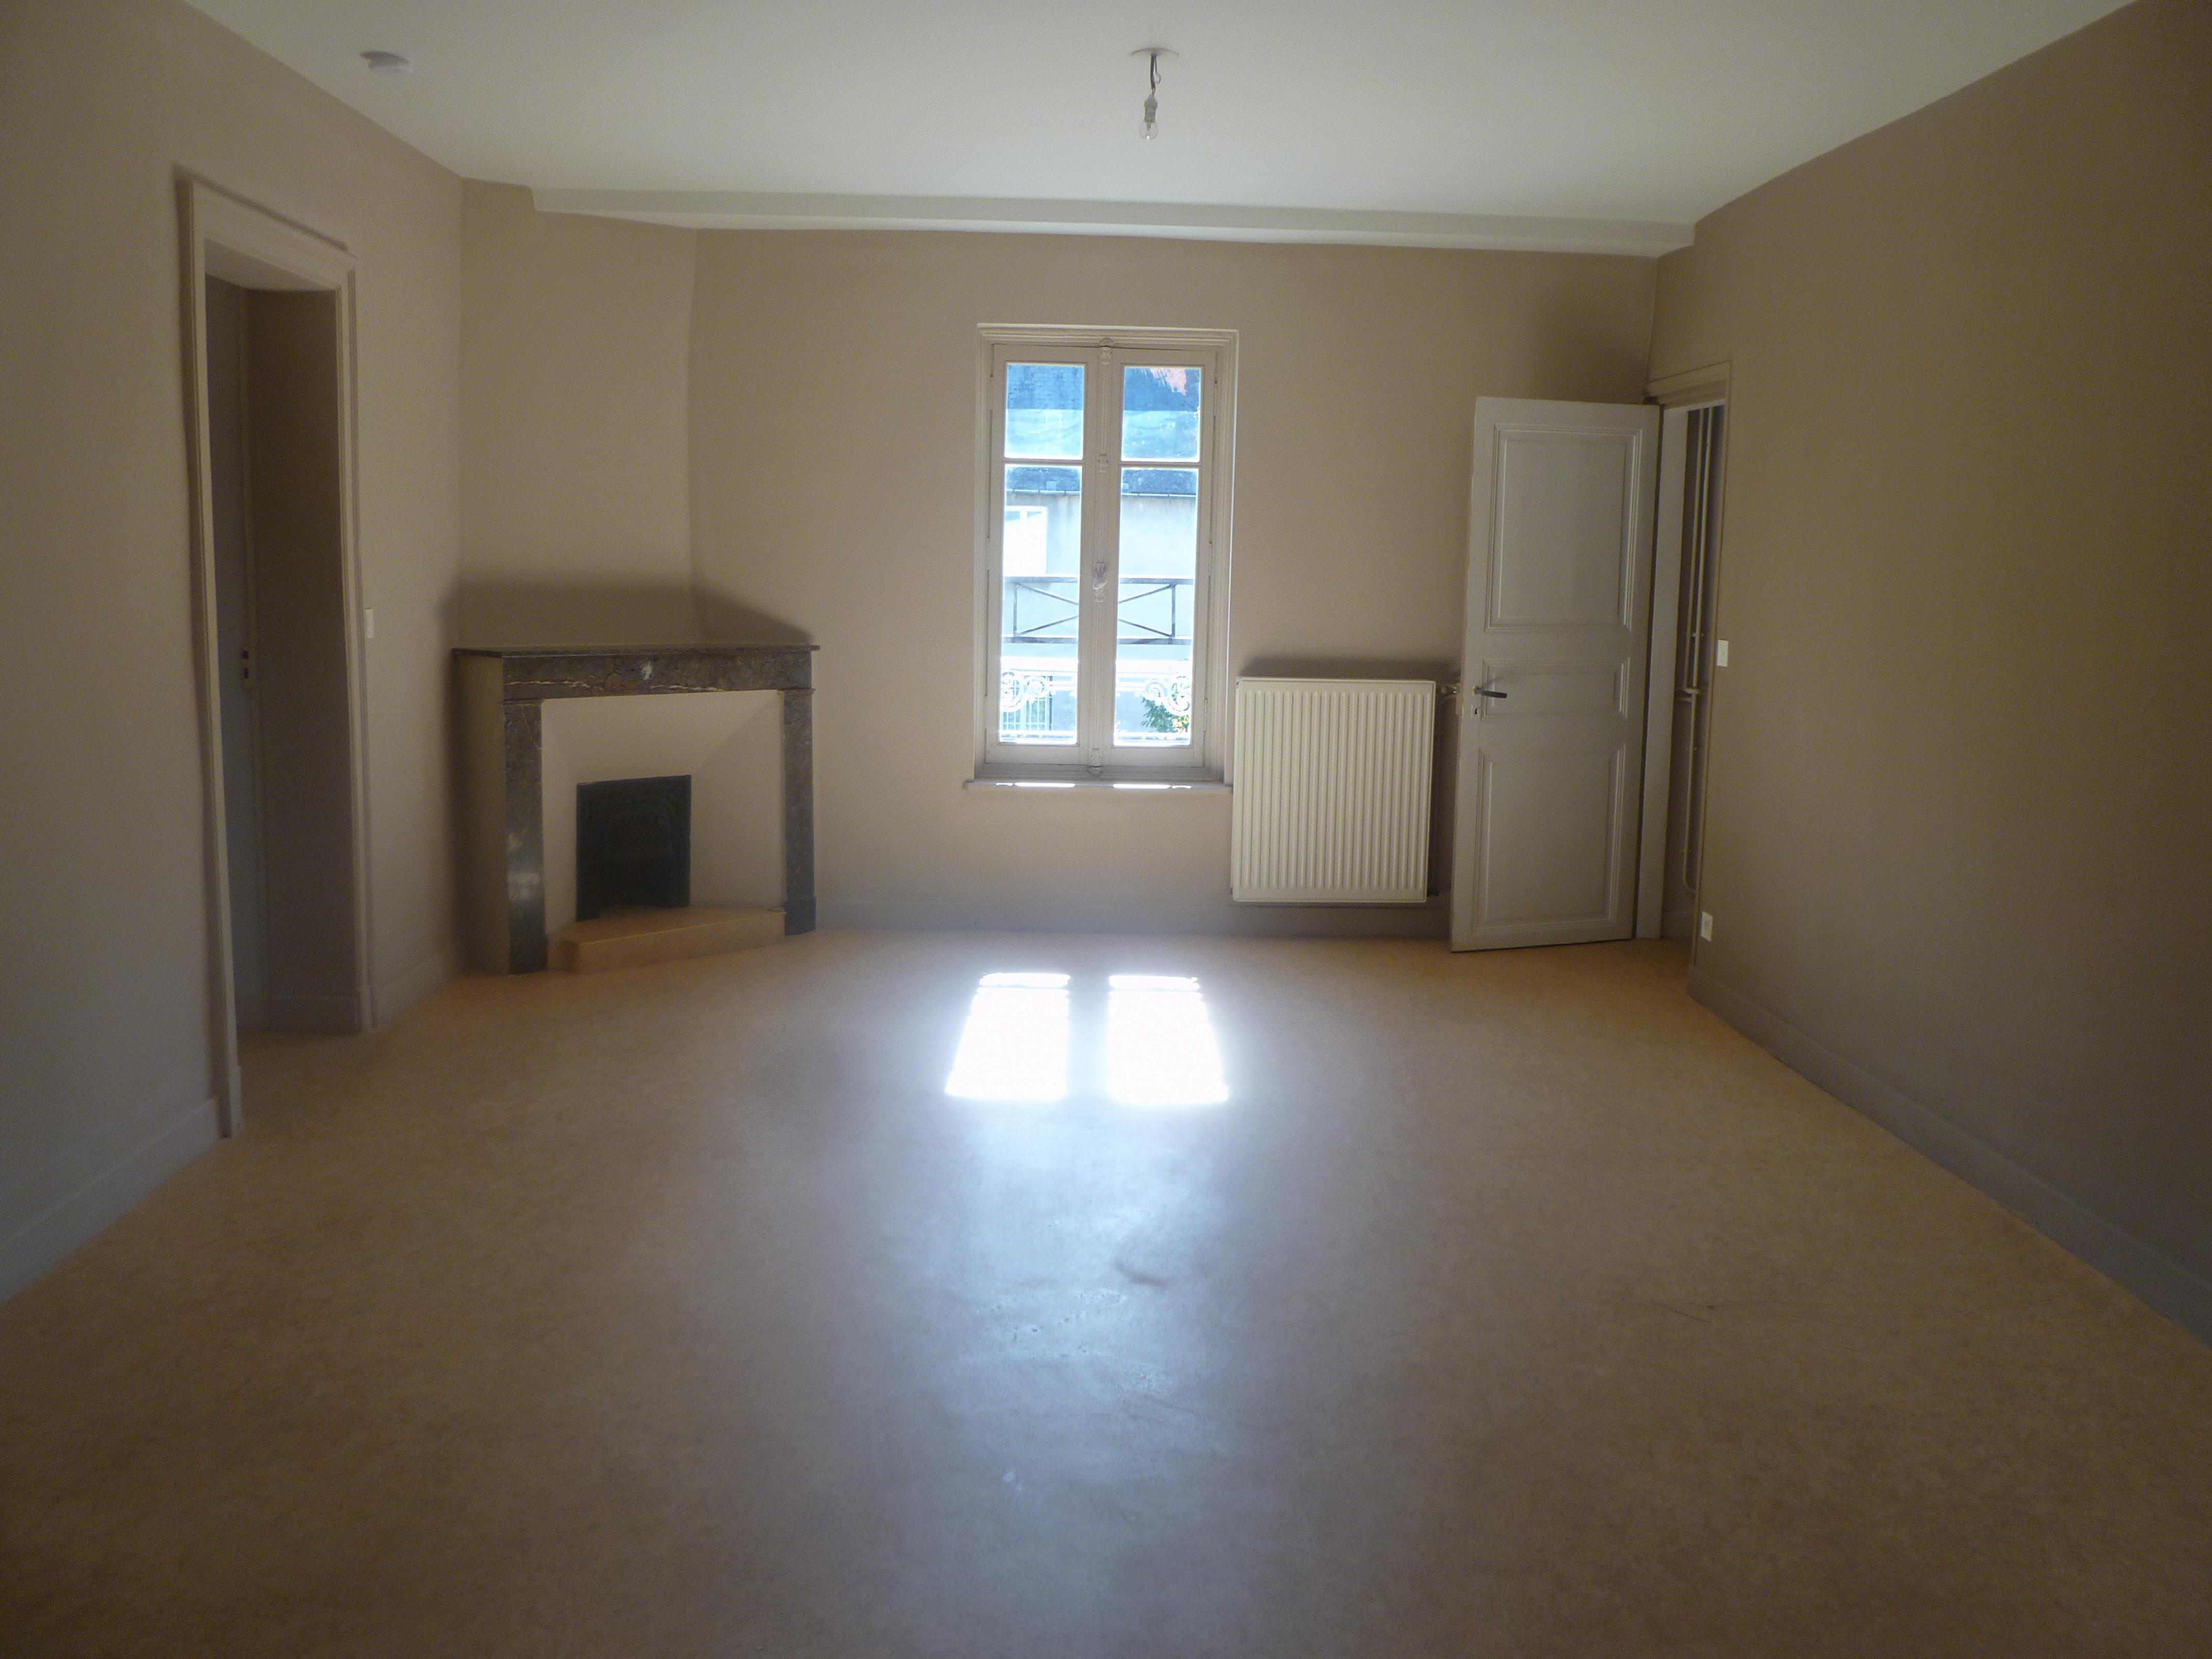 Appartement T4 à louer à Figeac